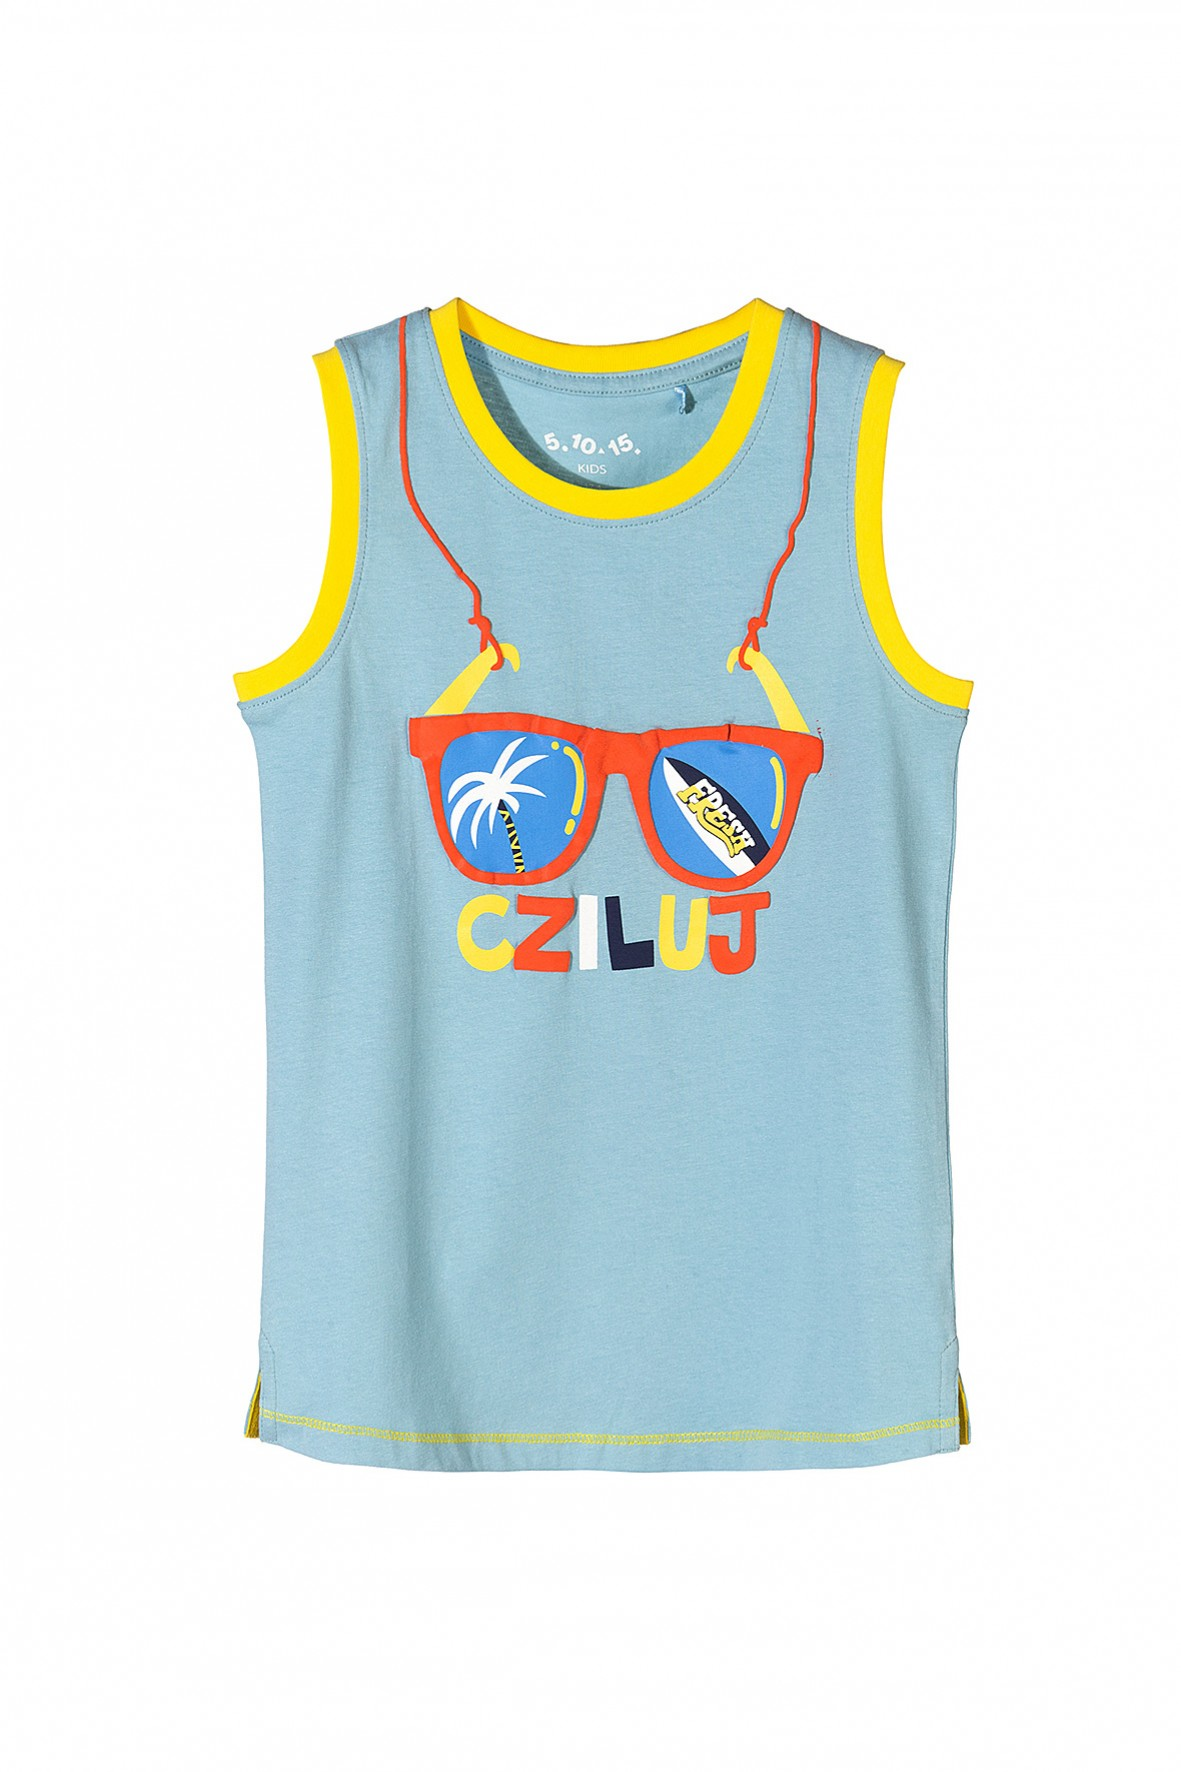 Koszulka chłopięca na ramiączka- cziluj